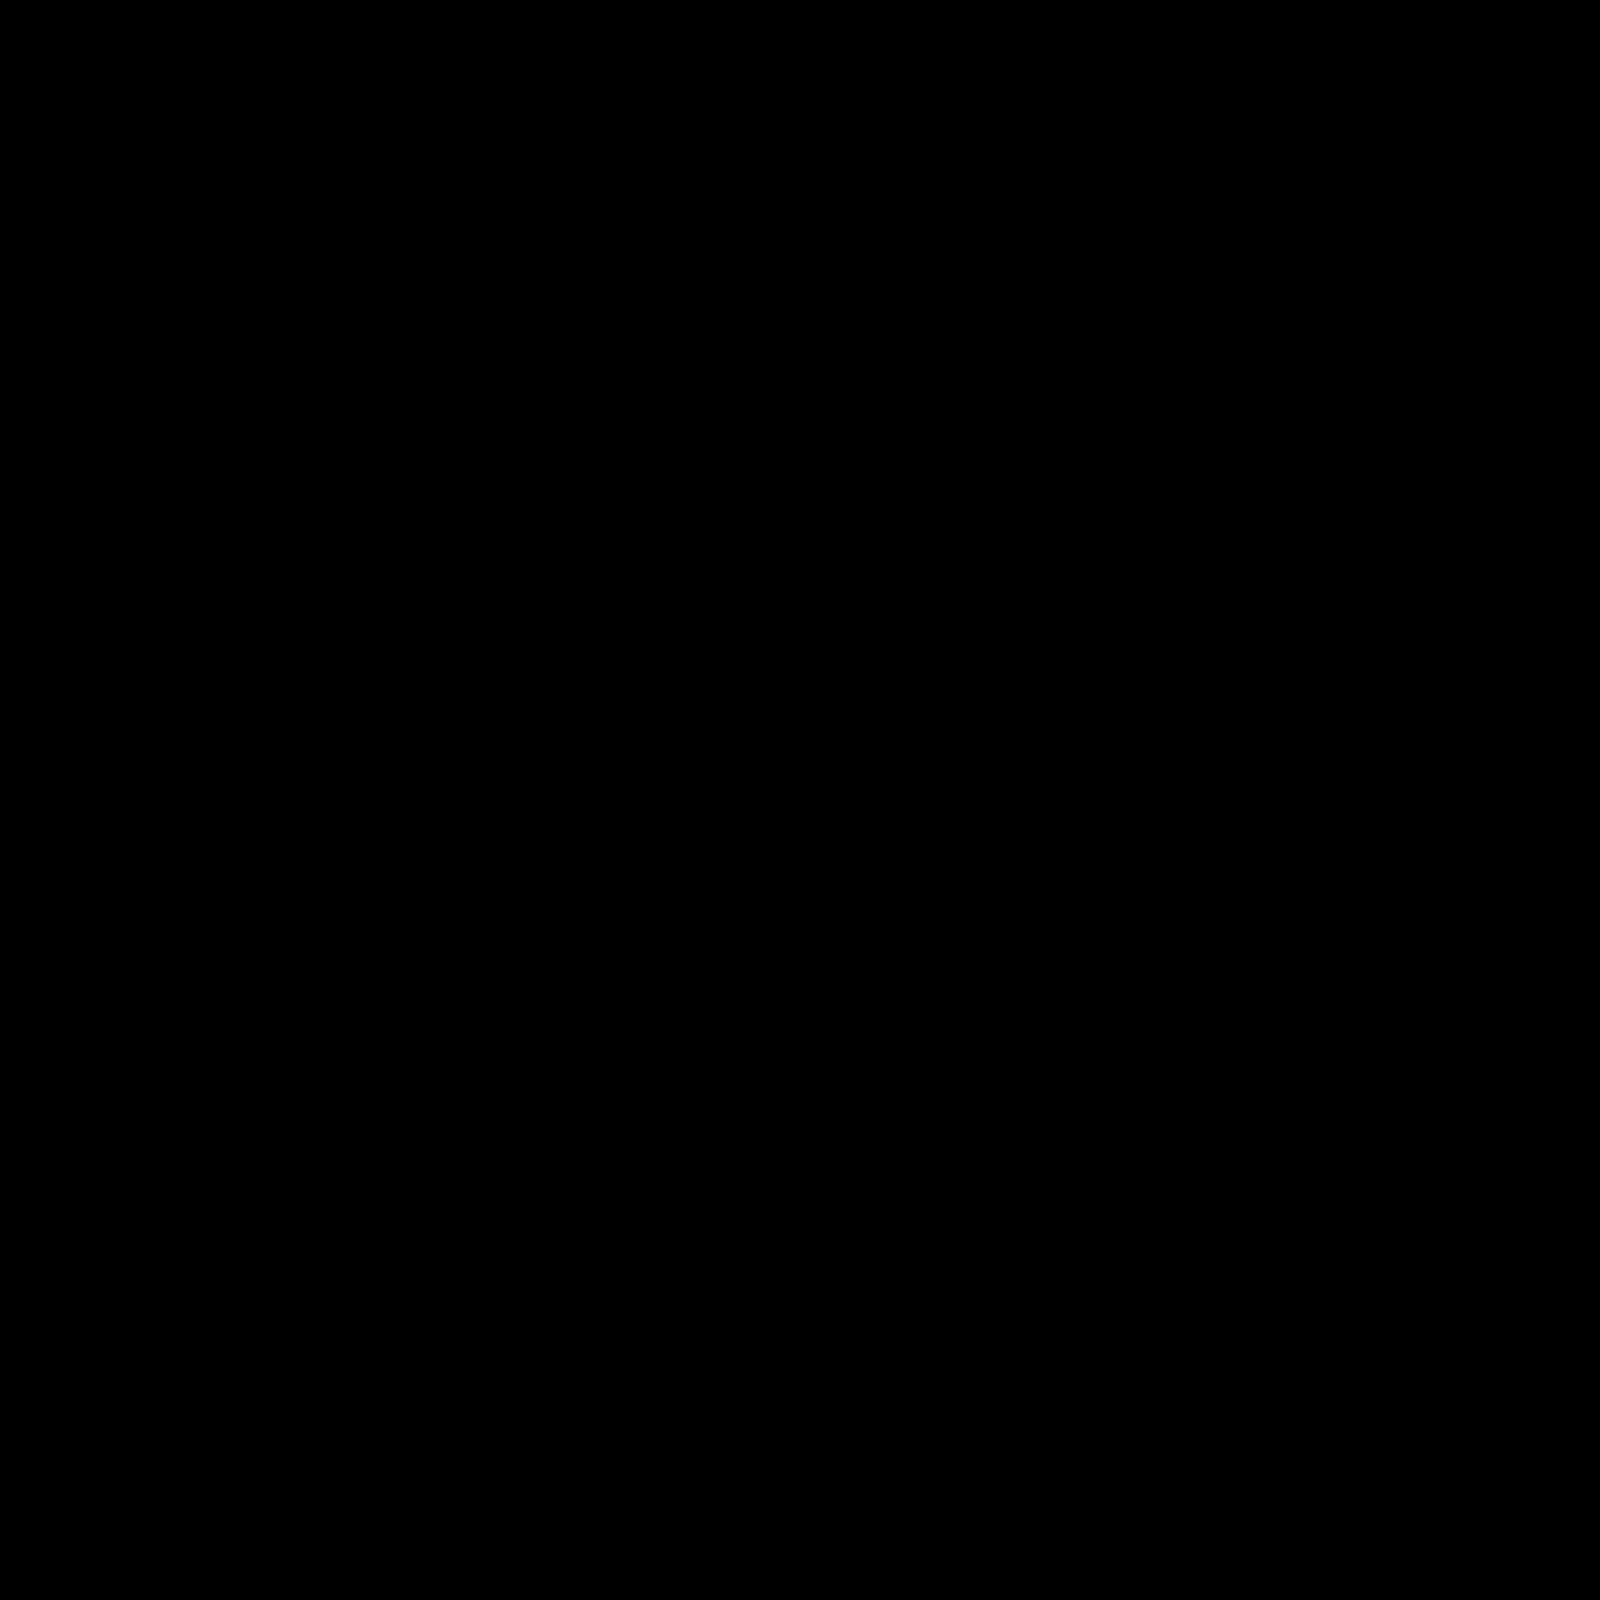 ebook радиоактивные отходы аэс и методы обращения с